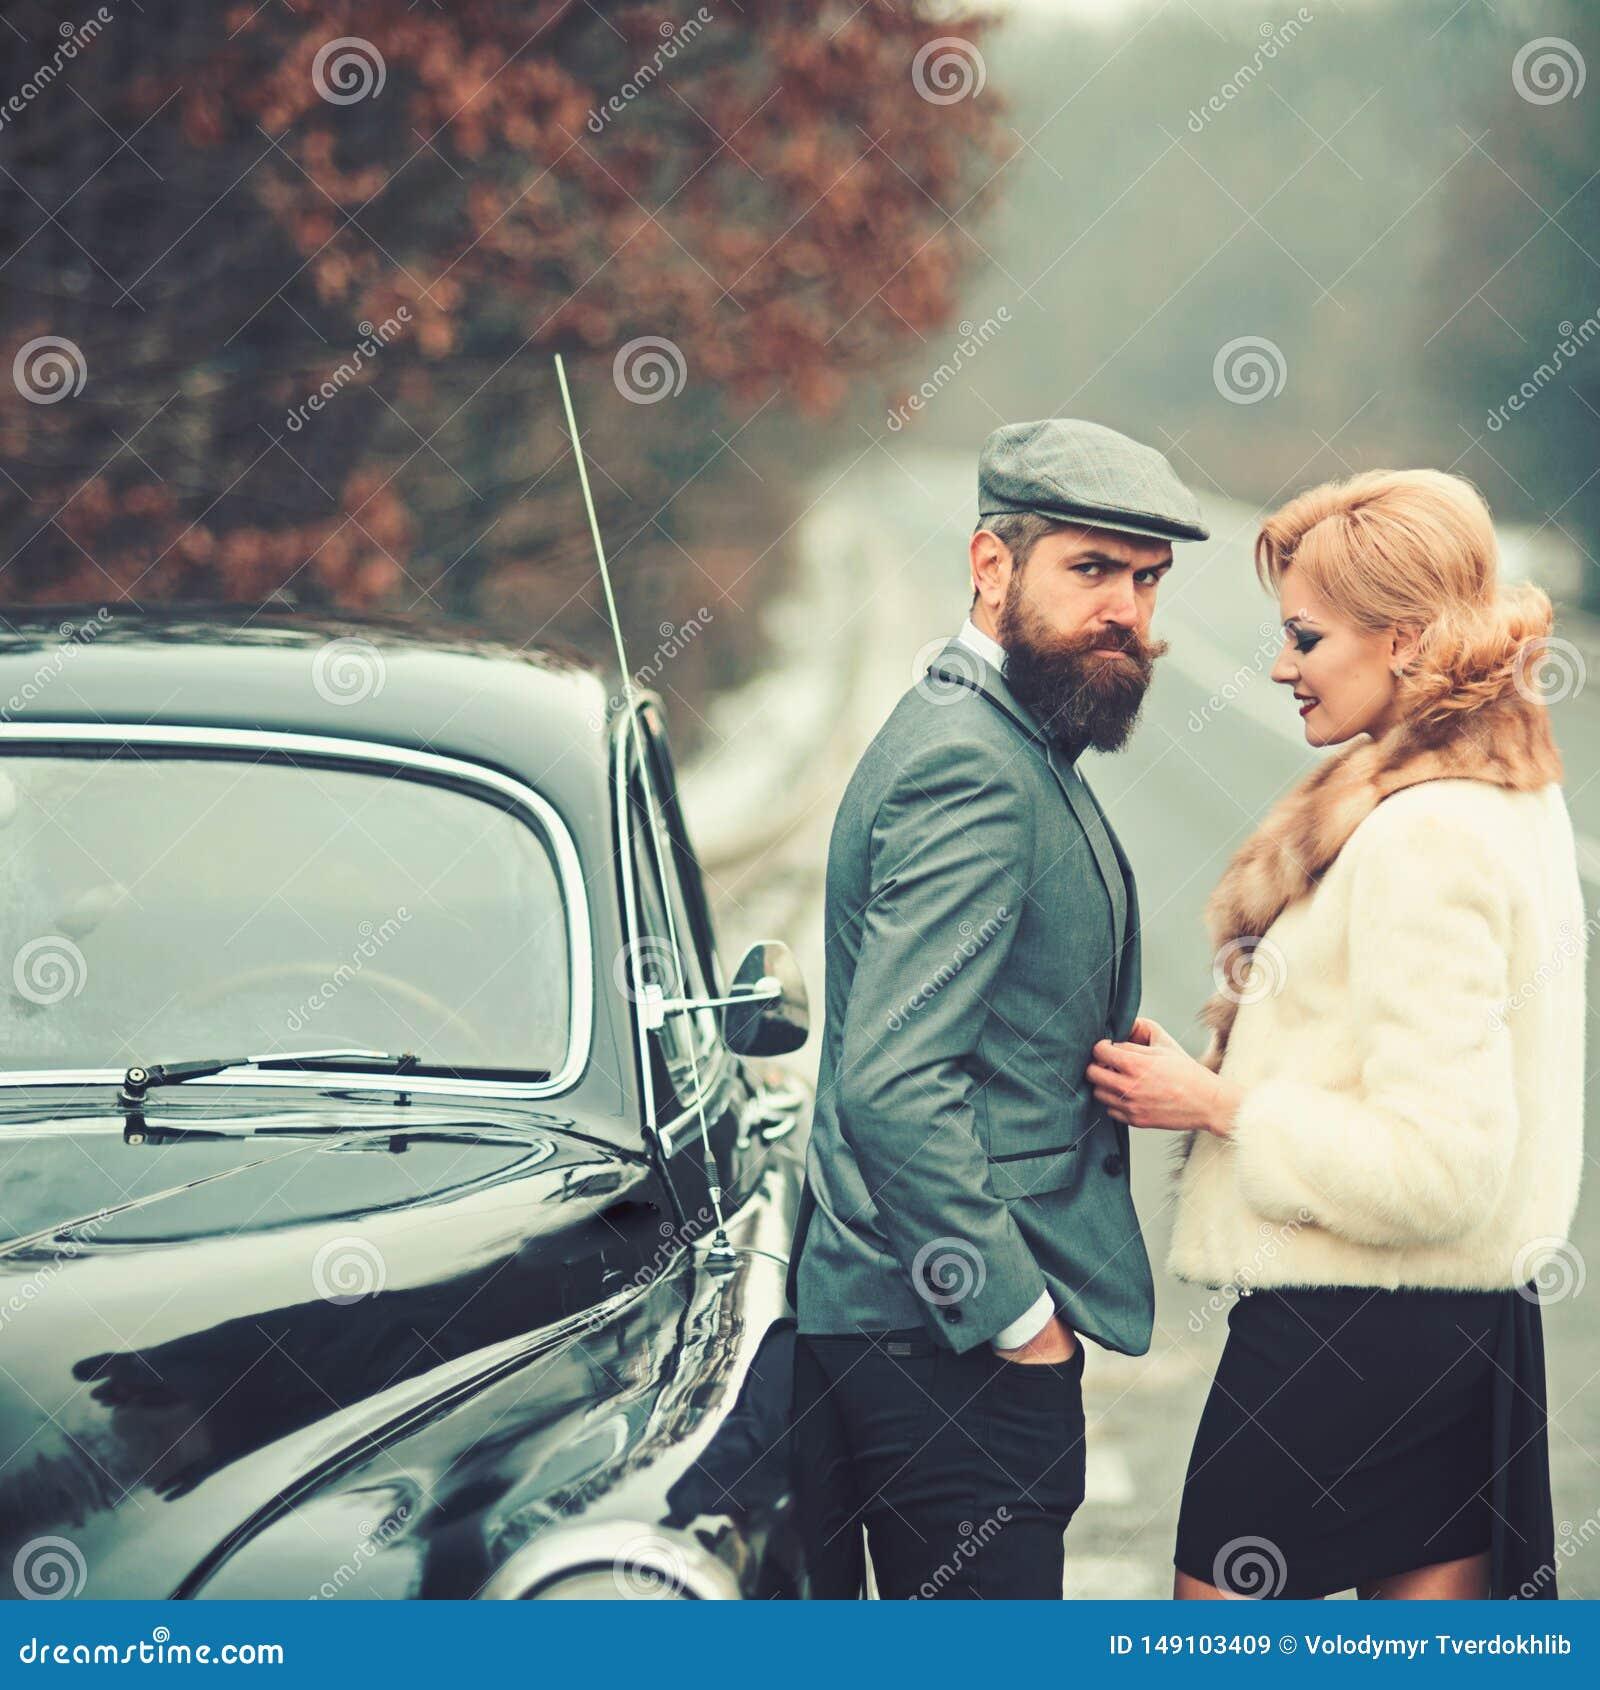 Διακοπές και διακινούμενη έννοια διακοπές του ζεύγους ερωτευμένες στο αναδρομικό αυτοκίνητο